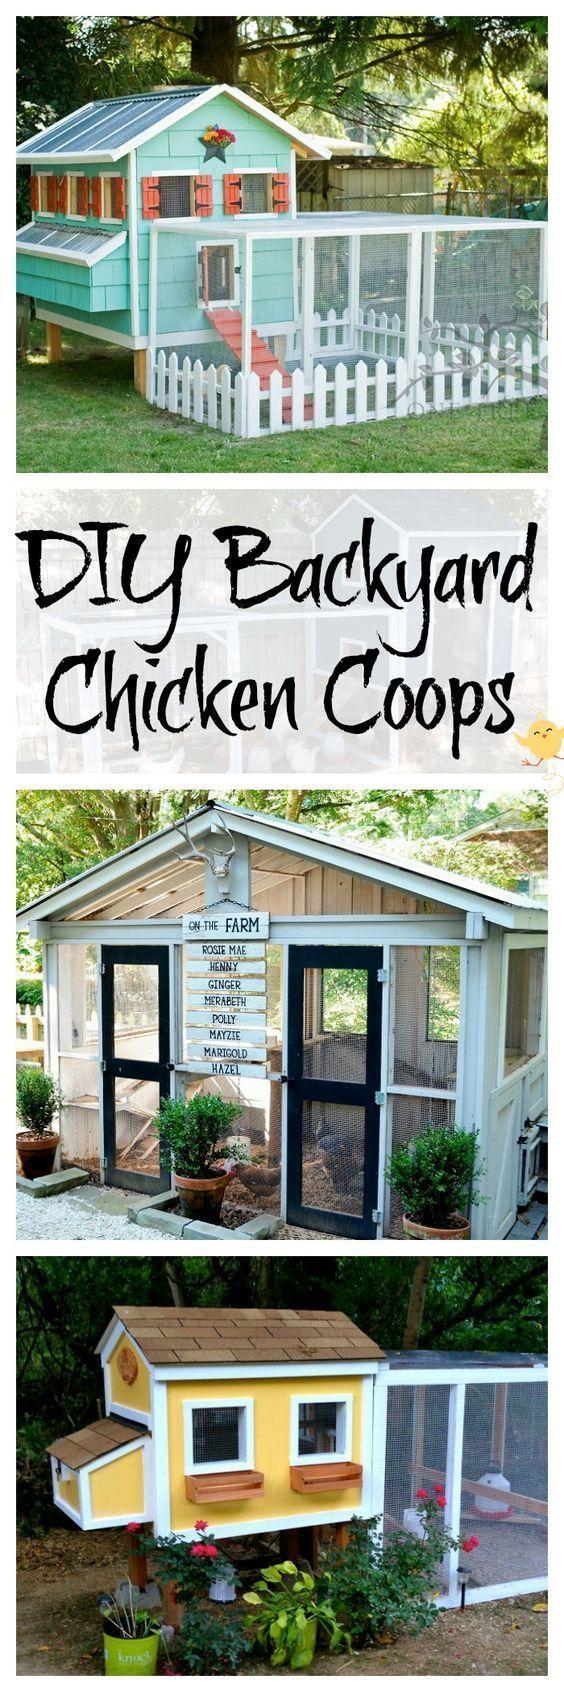 Red Chicken Coop Plans – Animals